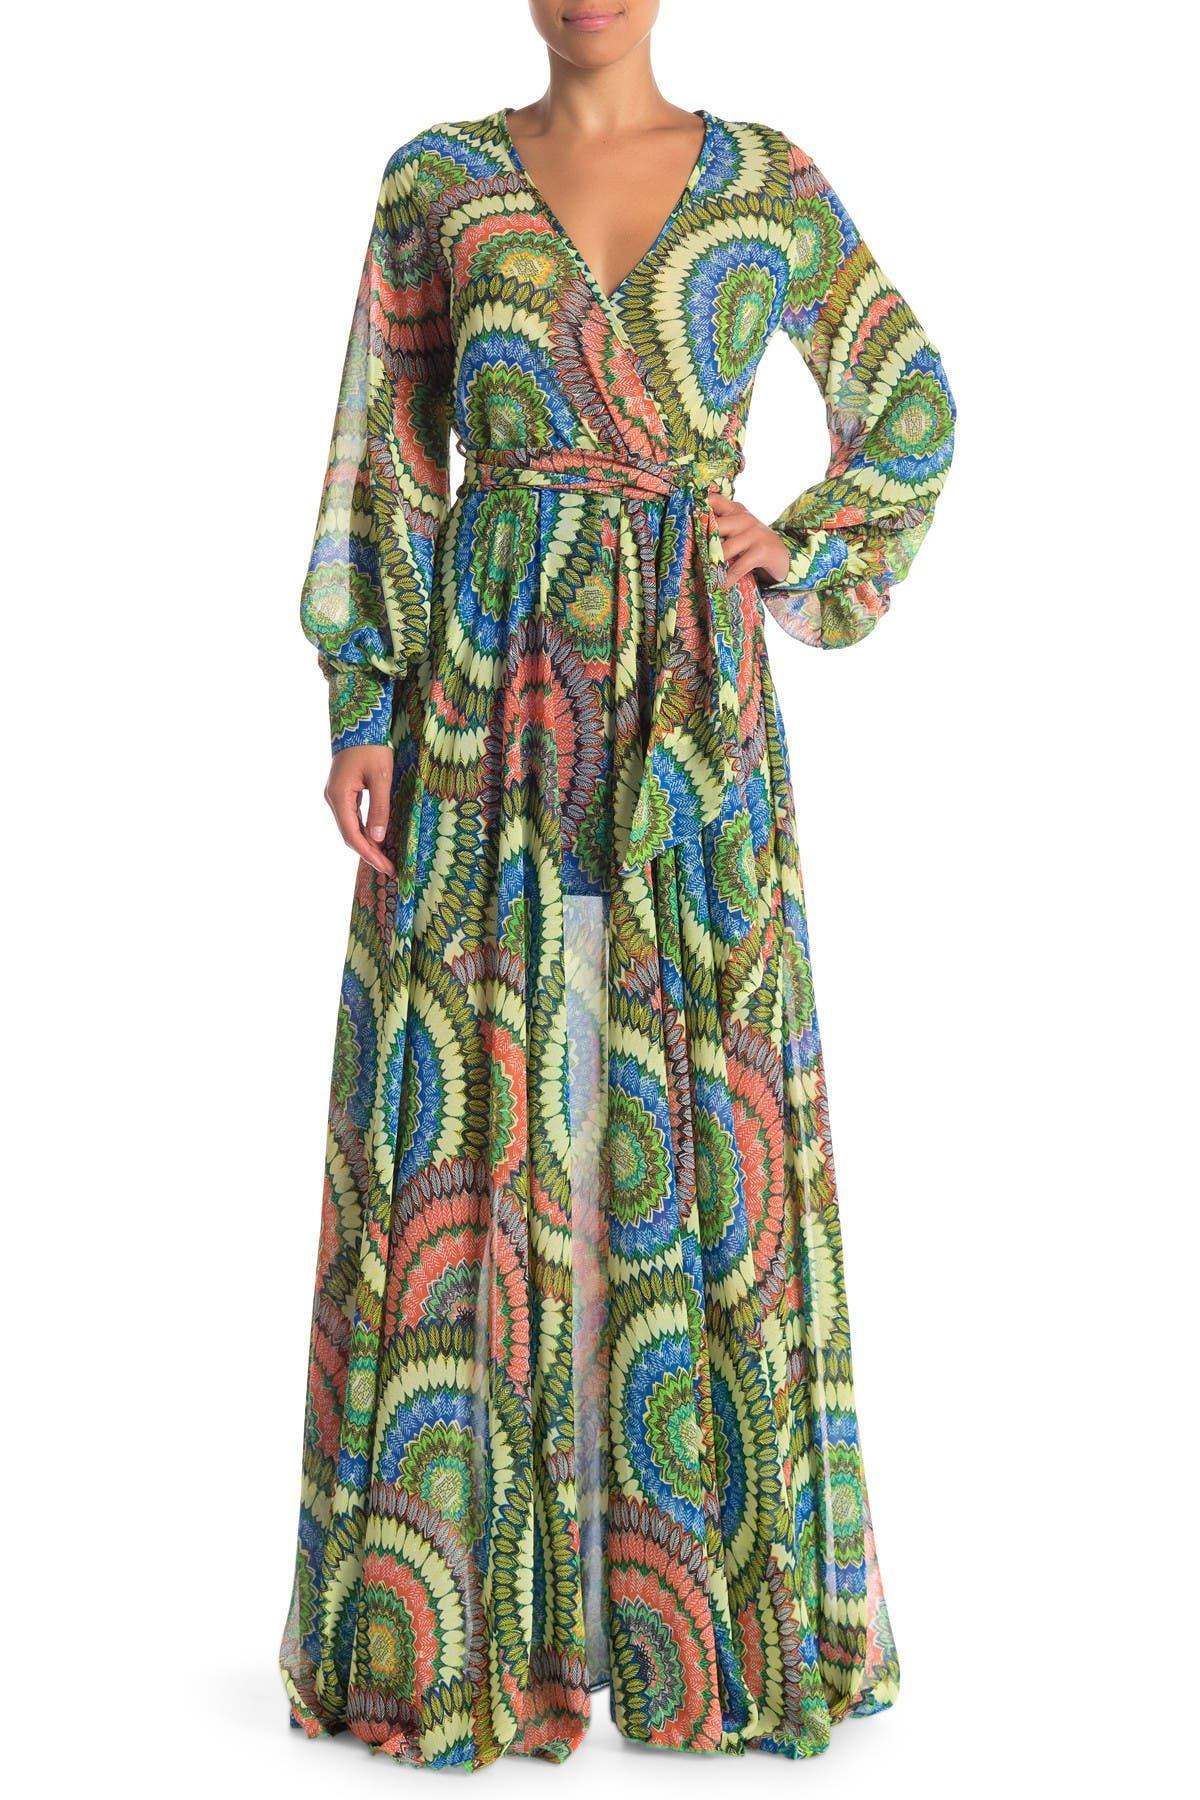 Image of Meghan LA Long Sleeve Maxi Wrap Dress